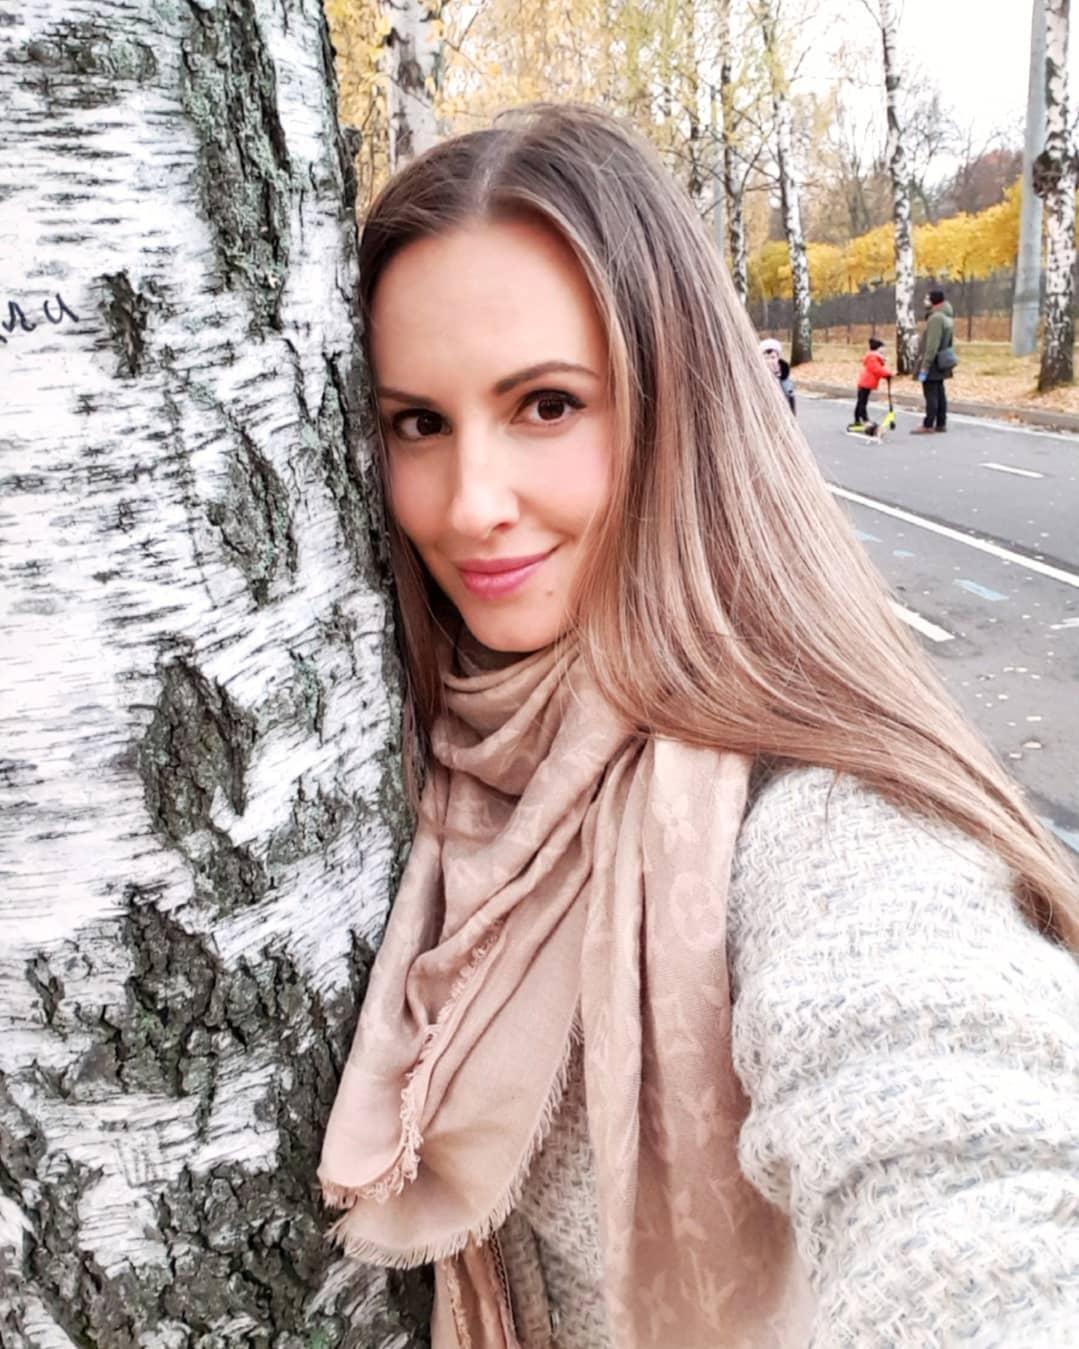 Фото в инстаграм ольги гажиенко инстаграм